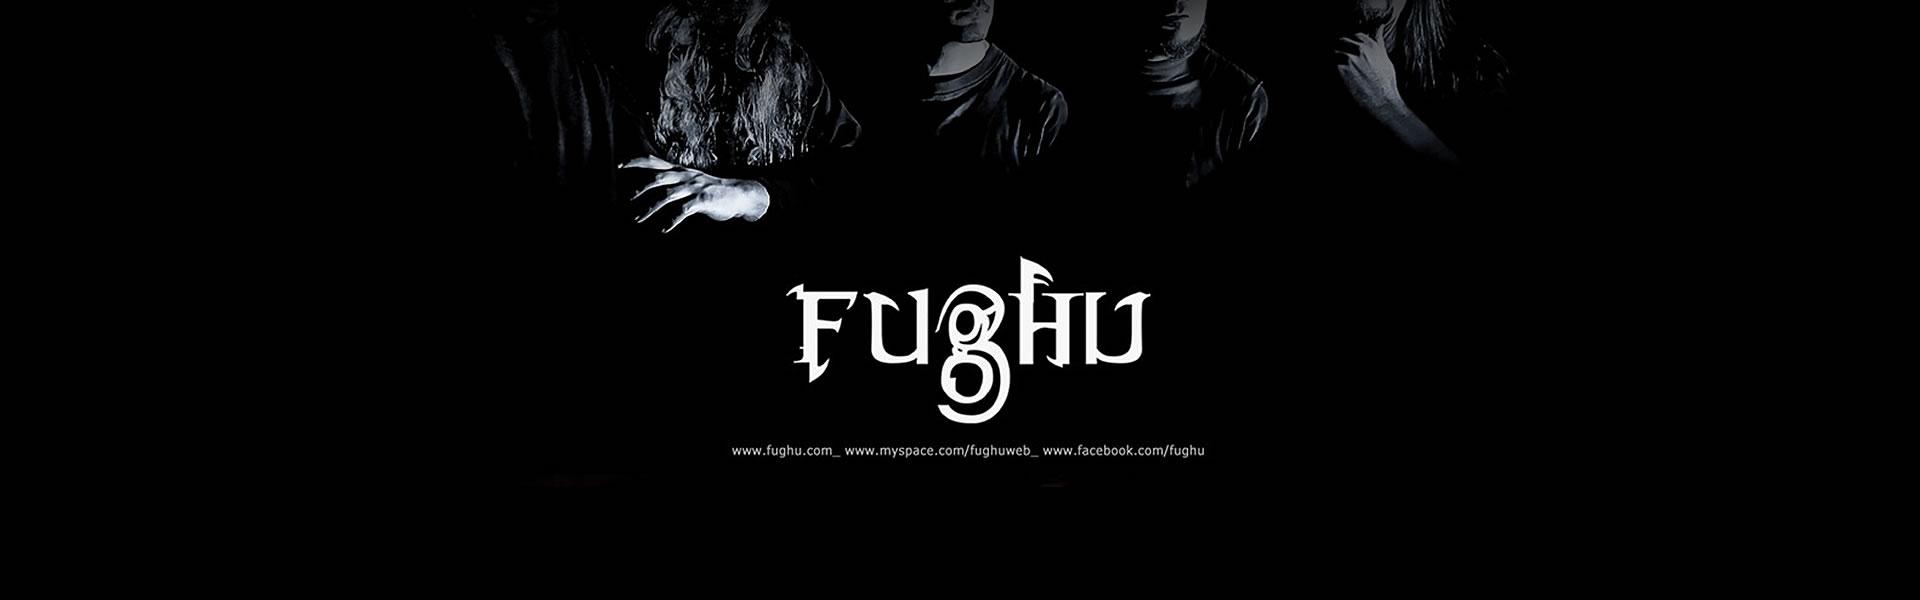 http://www.fughu.com/wp-content/uploads/2017/04/fughu-cabecera.jpg